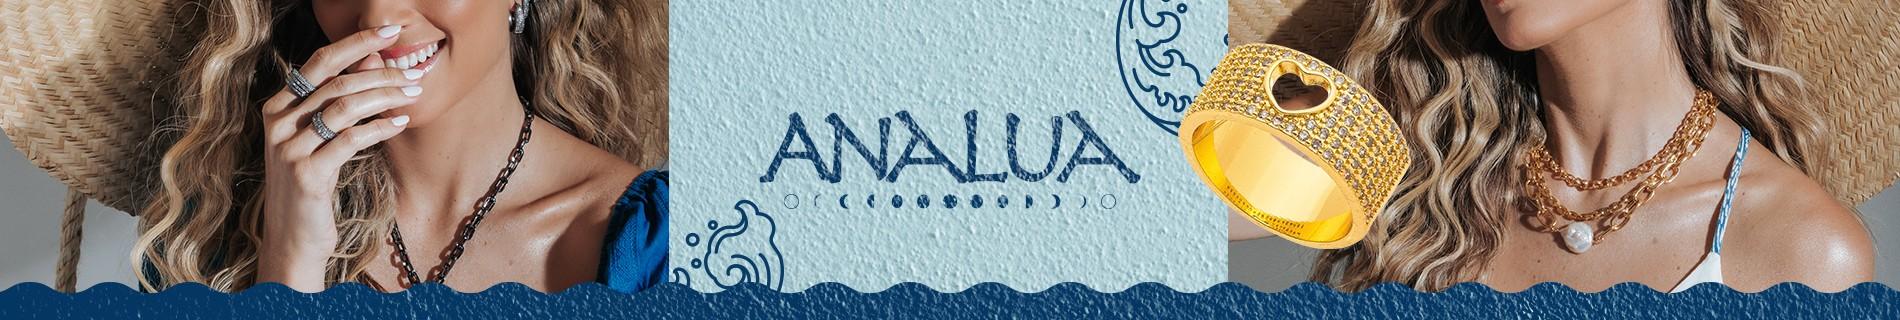 coleçao analua